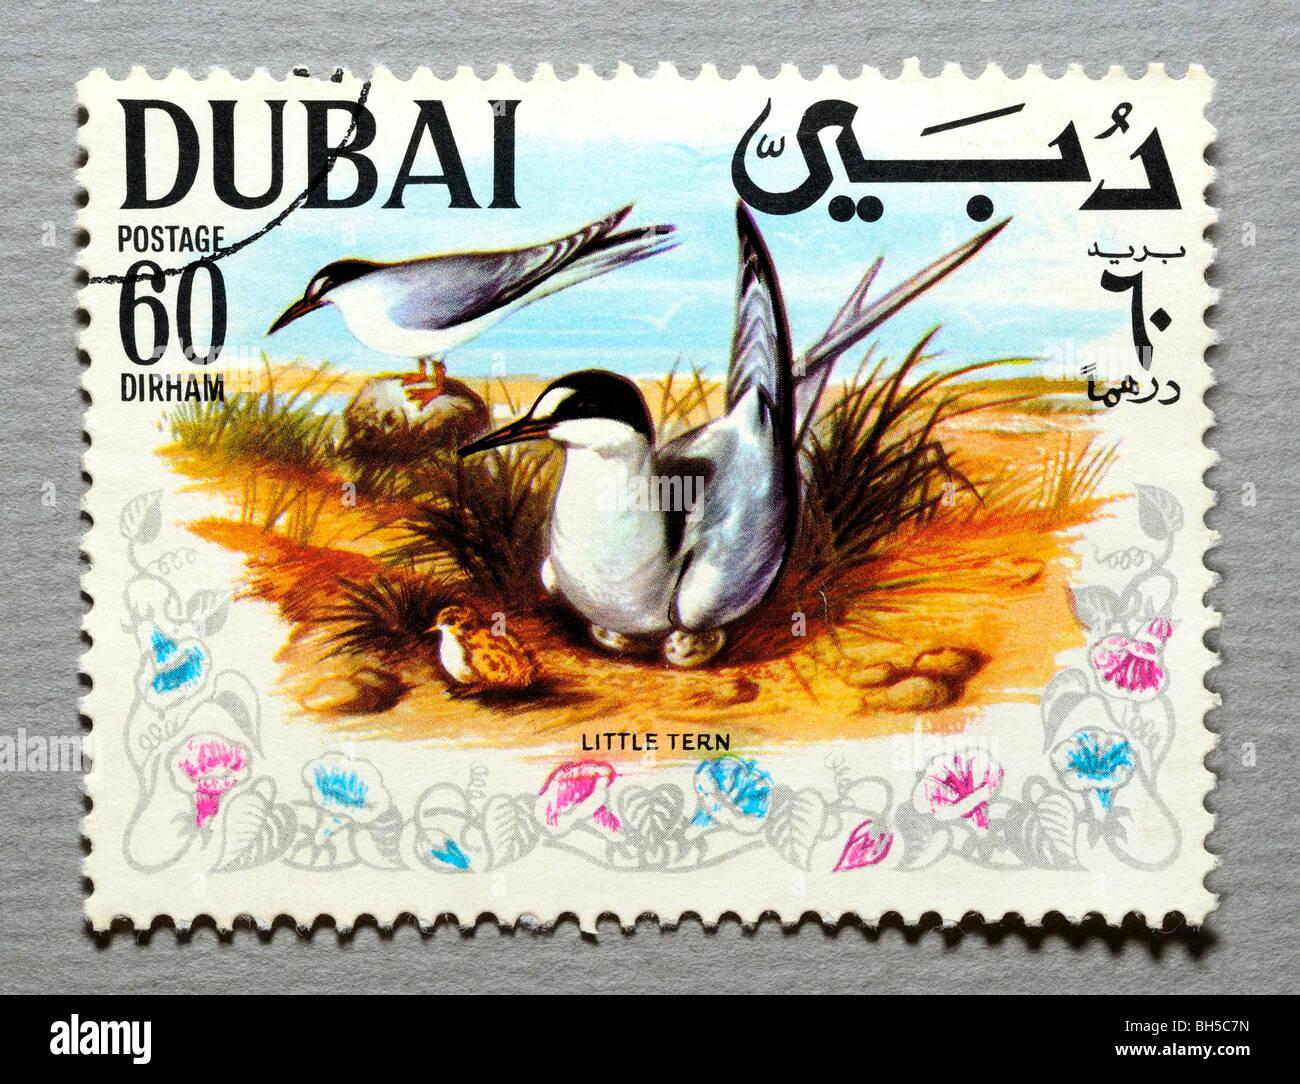 Dubai Postage Stamp. - Stock Image